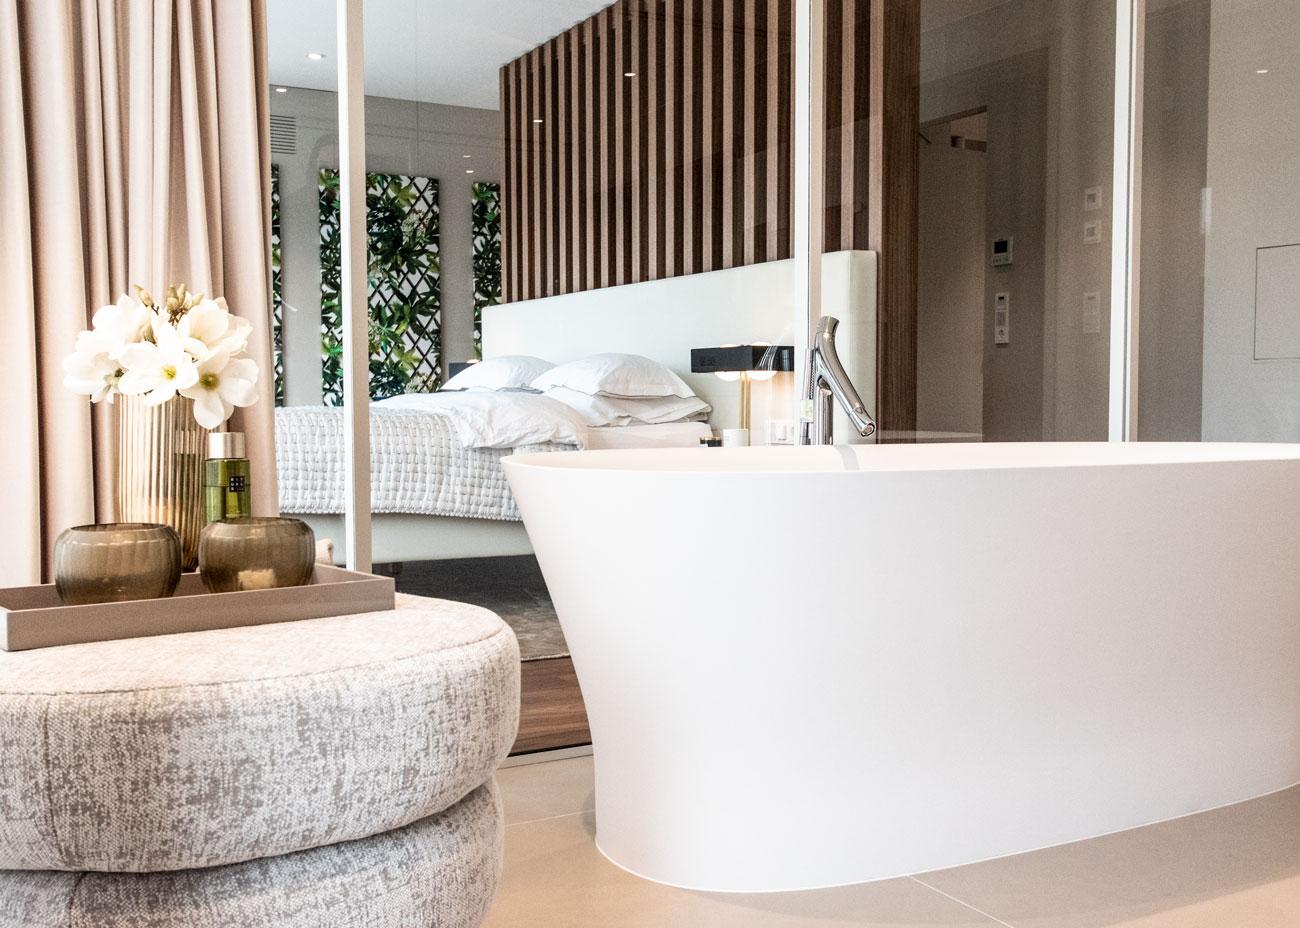 haus einrichten schlafzimmer nachttisch leuchte trennwand badewanne